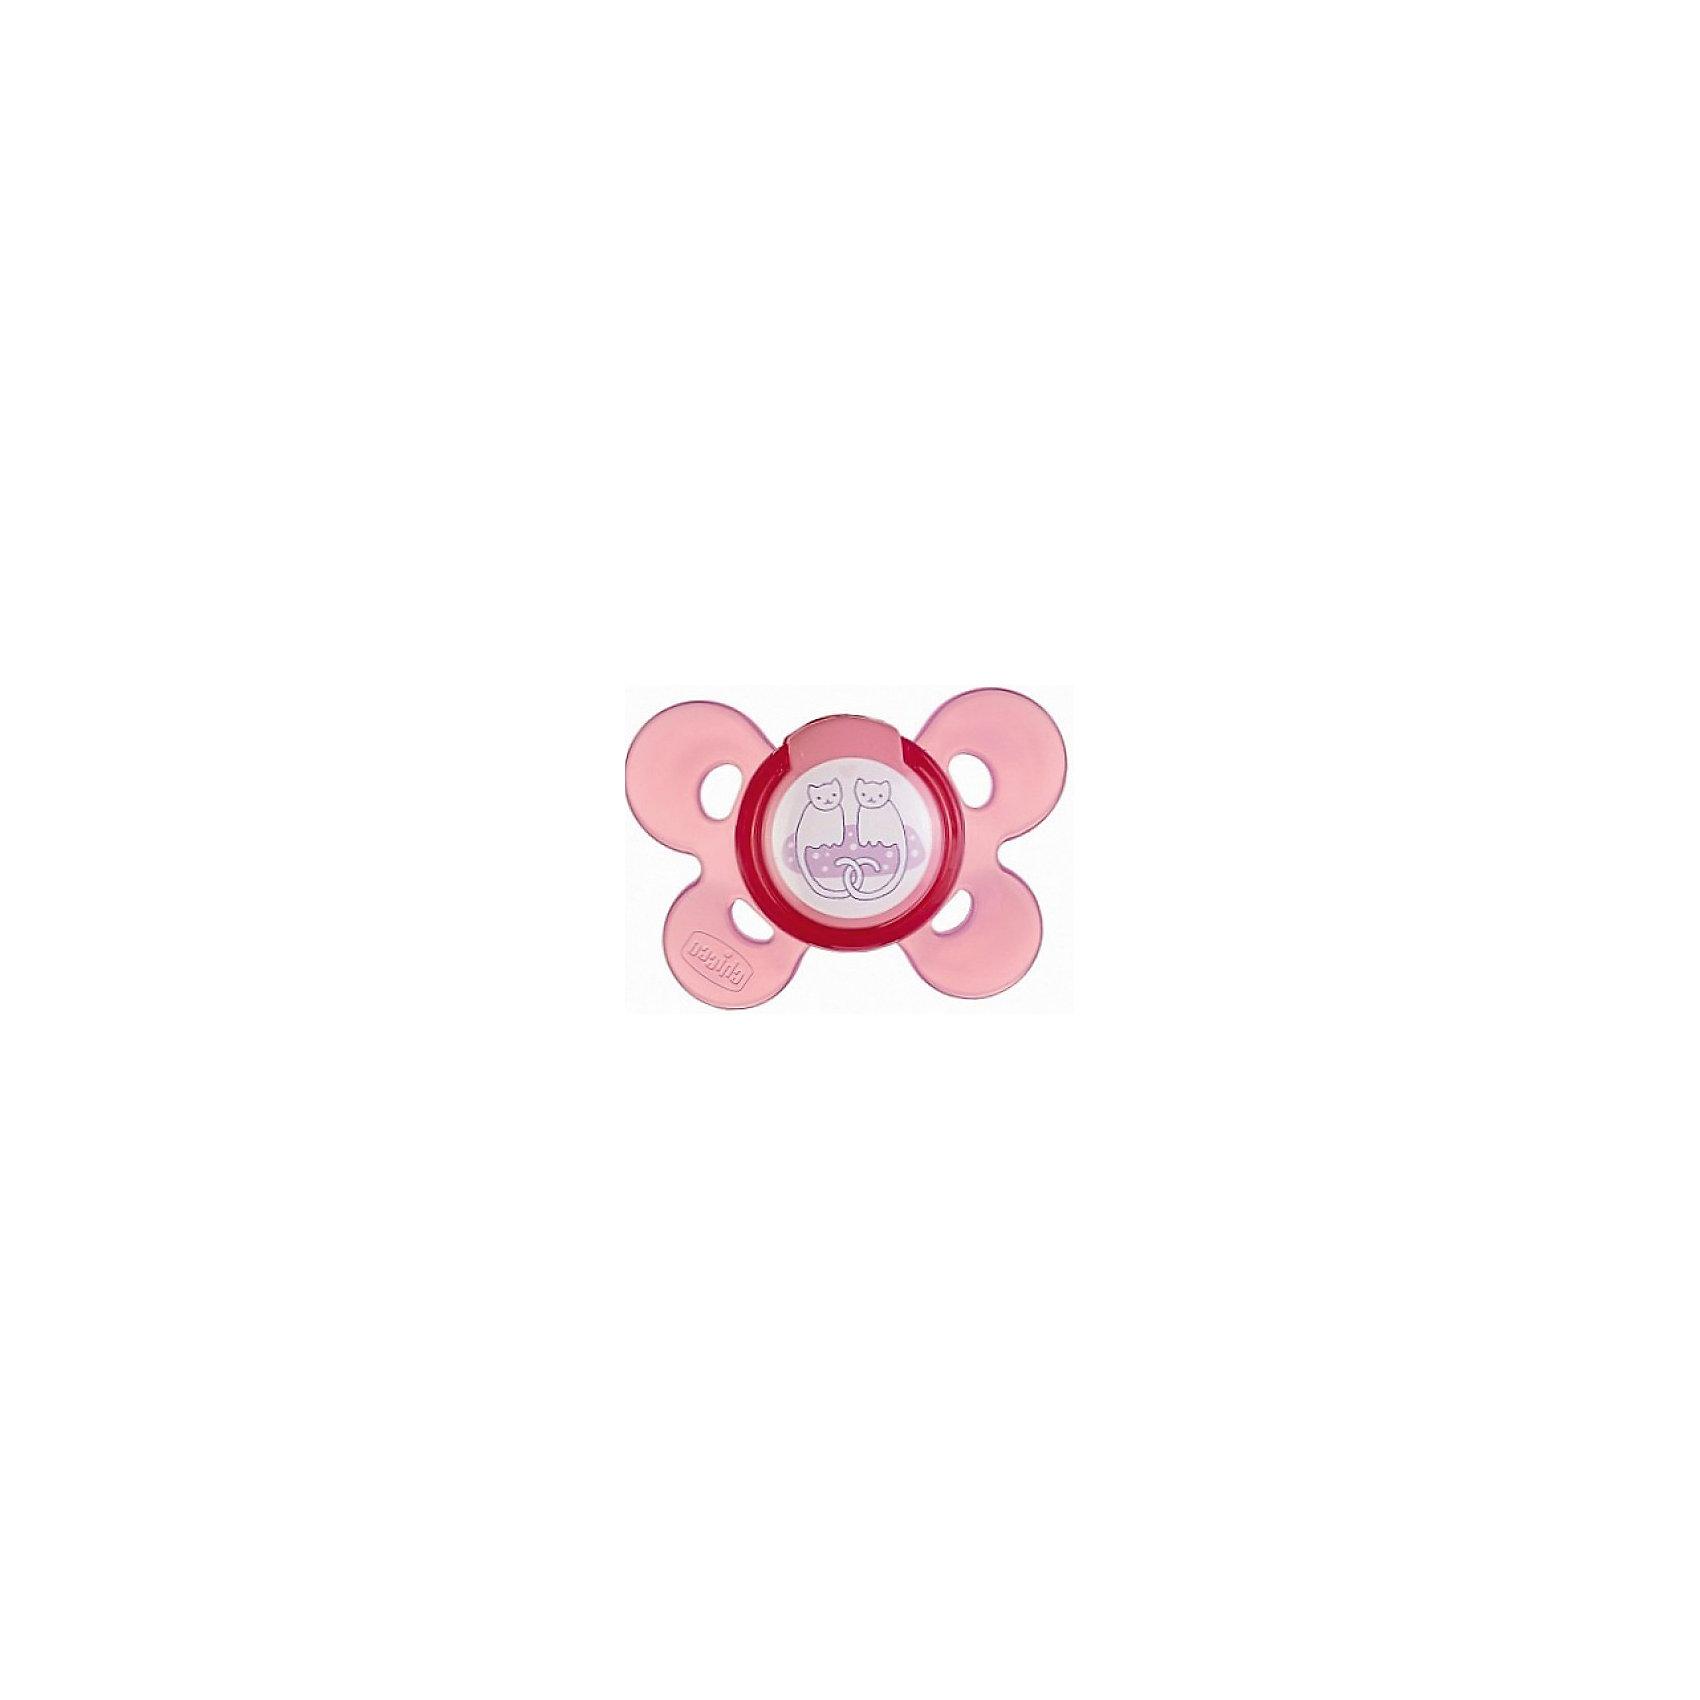 Силиконовая пустышка КОТИКИ Physio Comfort, 6-12мес., Chicco, розовыйПустышка Physio Comfort от известного итальянского бренда Chicco разработана совместно с ведущими ортодонтами и учитывает анатомические особенности ротовой полости грудного ребенка. Такая пустышка не препятствует процессу правильного формирования ротовой полости. <br>Она производится из специально разработанного очень мягкого силикона. <br>Ультратонкий профиль у основания нагубника позволит ребенку естественно закрывать рот. Широкое и мягкое основание не травмирует кожу ребенка, желоб на окончании пустышки обеспечит естественное положение языка и будет способствовать правильному прикусу. Выступы там же созданы для давления во время сосания, они имитируют естественные ощущение неба. Отверстия в нагубнике сделаны для притока воздуха к коже ребенка.<br><br>Дополнительная информация:<br><br>возраст: от 6 до 12 месяцев; материал: силикон; анатомическая форма;<br>вентиляция.<br><br>Внимание! Основным является первое фото, последующие фотографии размещены с целью показать функционал данной модели.<br><br>Пустышку Physio Comfort от бренда CHICCO можно купить в нашем интернет-магазине<br><br>Ширина мм: 130<br>Глубина мм: 80<br>Высота мм: 55<br>Вес г: 39<br>Возраст от месяцев: 6<br>Возраст до месяцев: 12<br>Пол: Женский<br>Возраст: Детский<br>SKU: 4803041